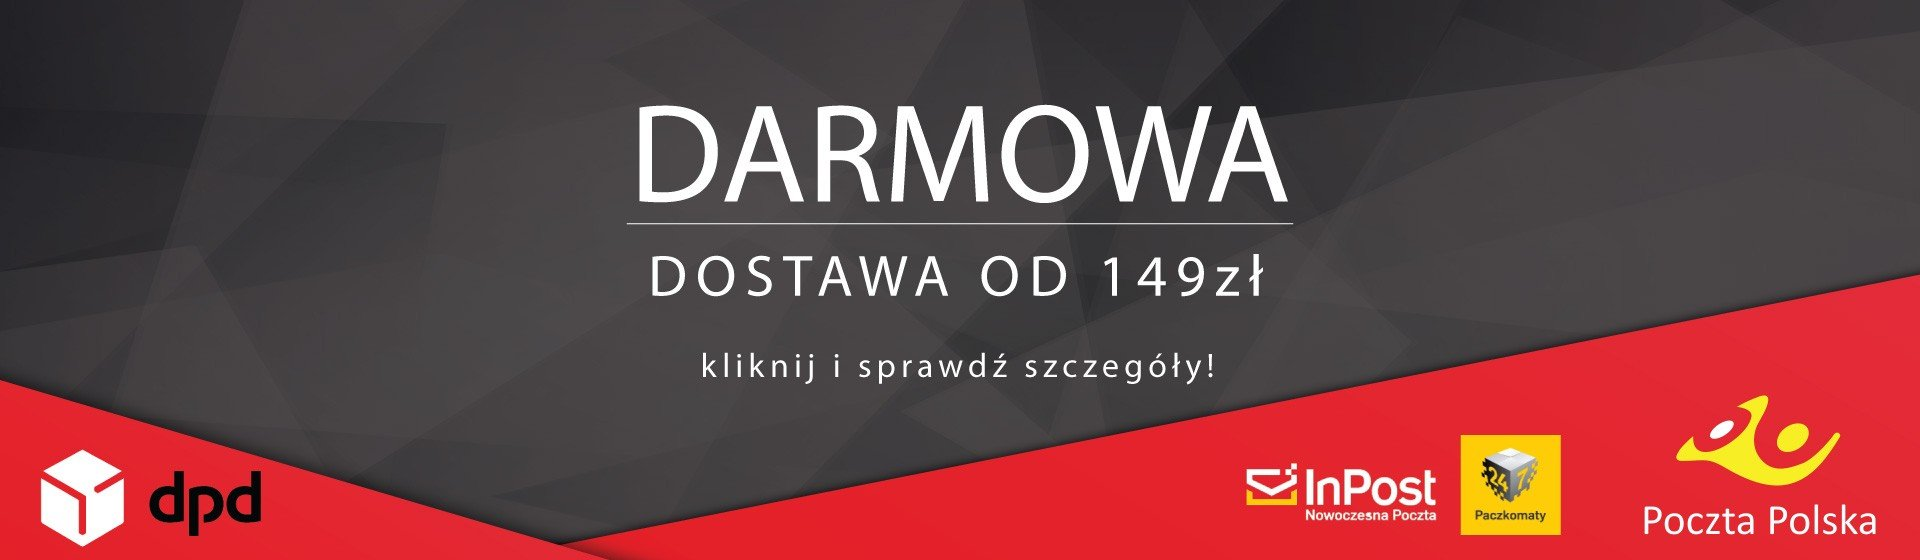 Darmowa dostawa sklepie internetowym Anzu.pl już od 149 zł!